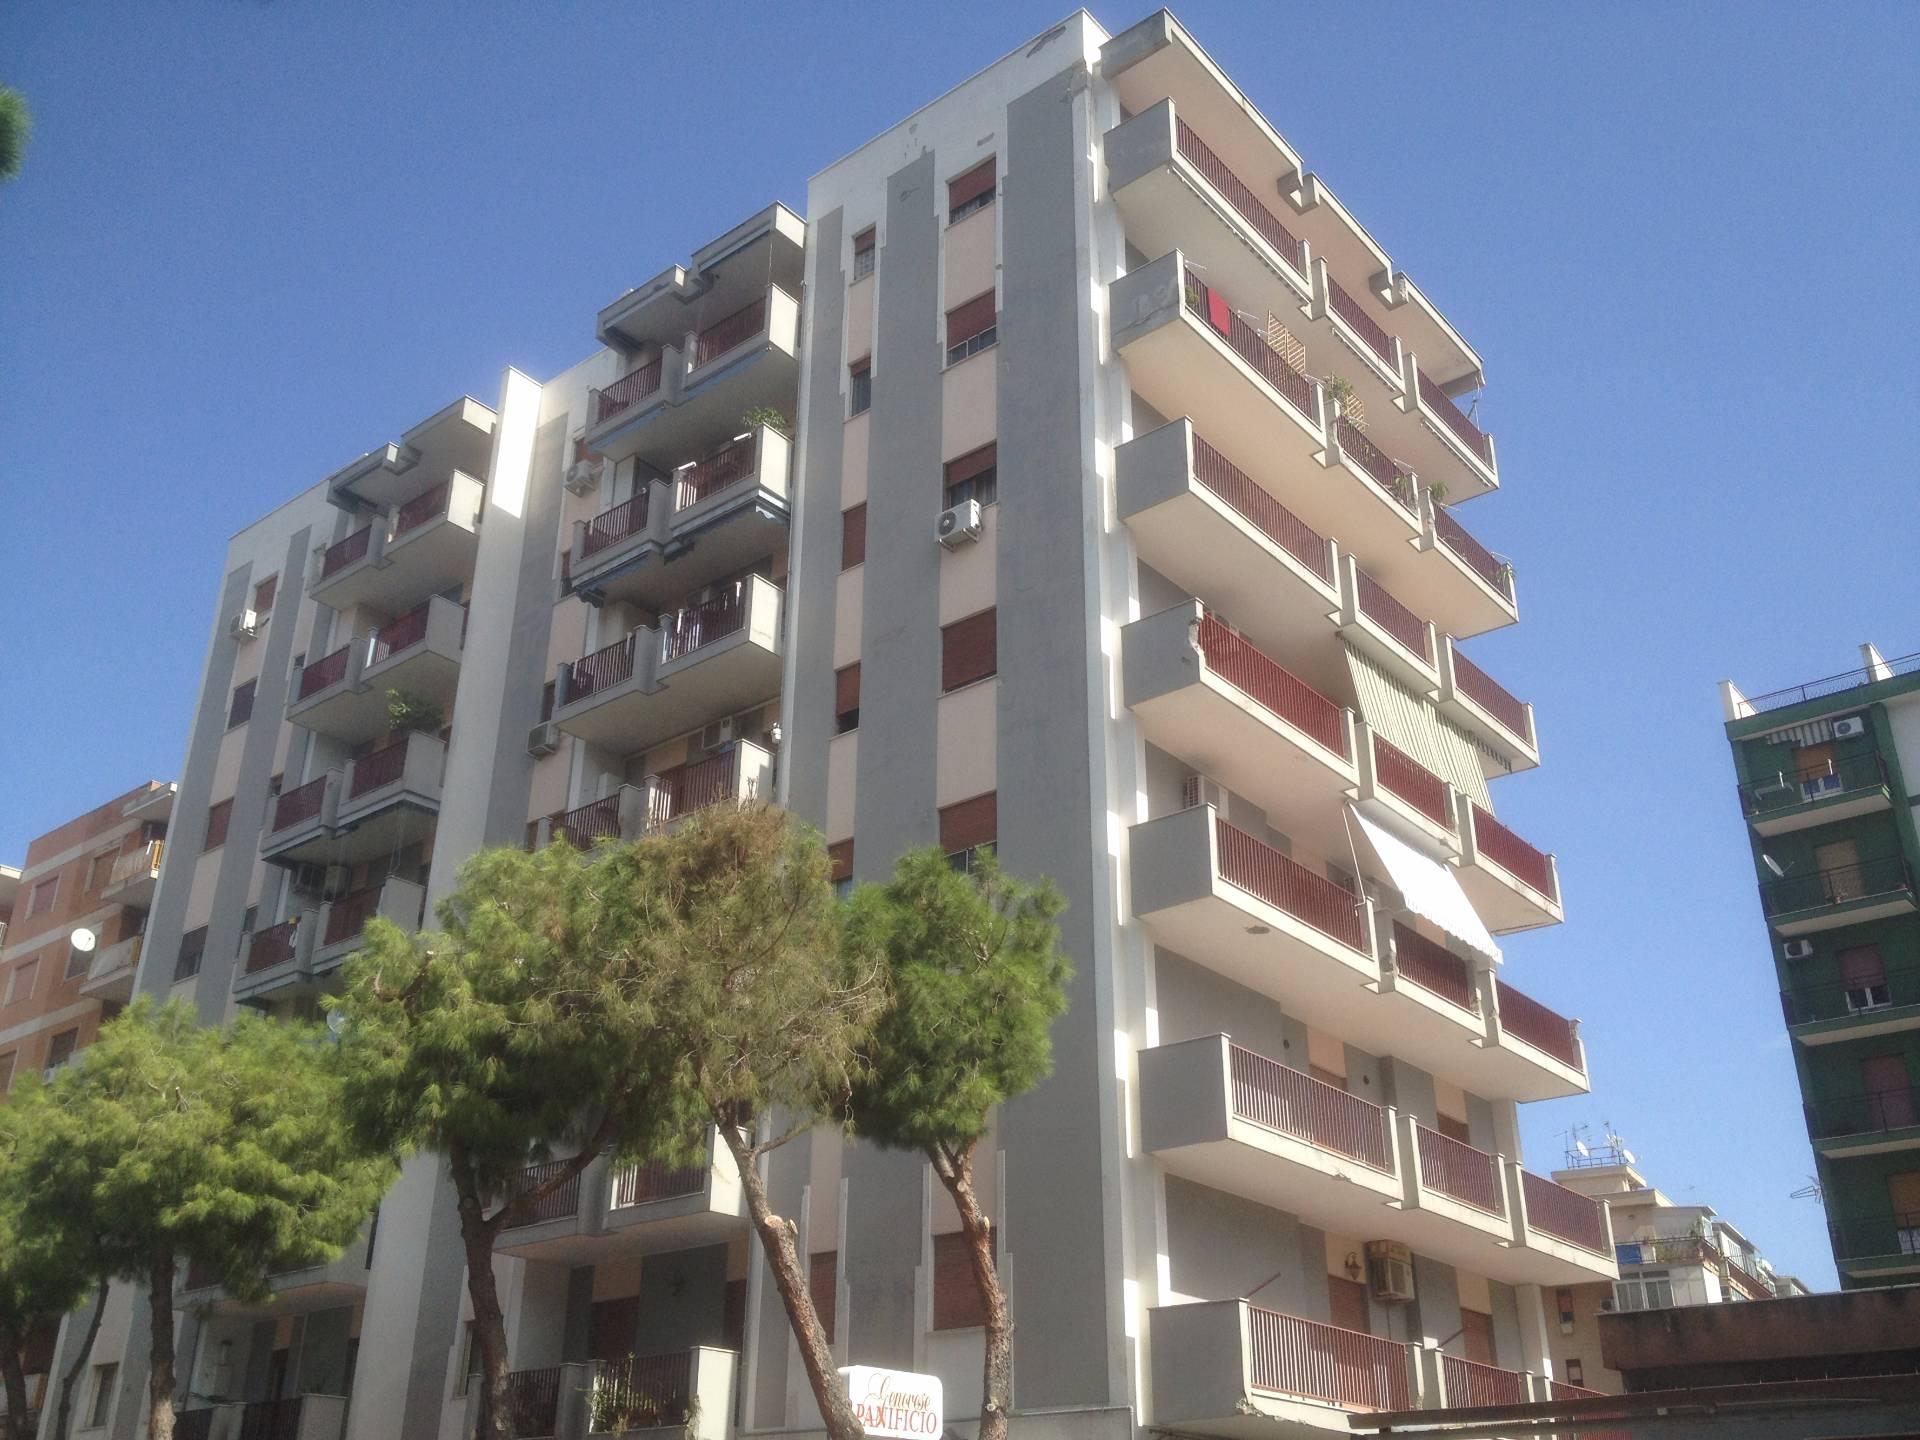 Appartamento in affitto a Palermo, 2 locali, zona Zona: Zisa, prezzo € 400 | Cambio Casa.it